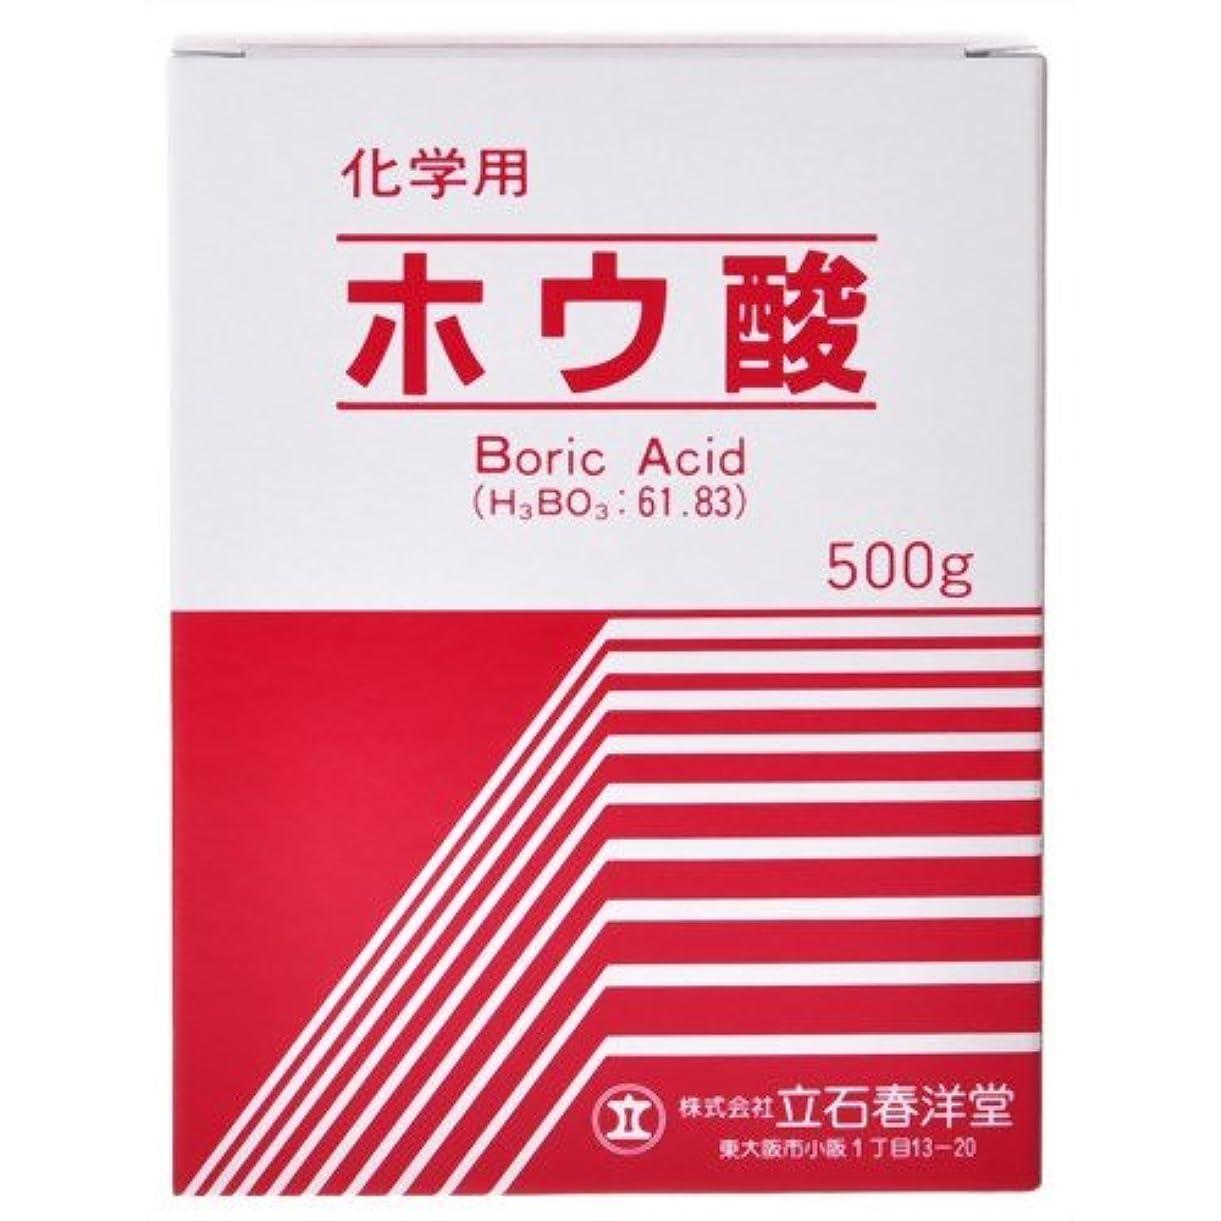 ルネッサンスクリープ巨大なホウ酸 粉末 化学用 500g